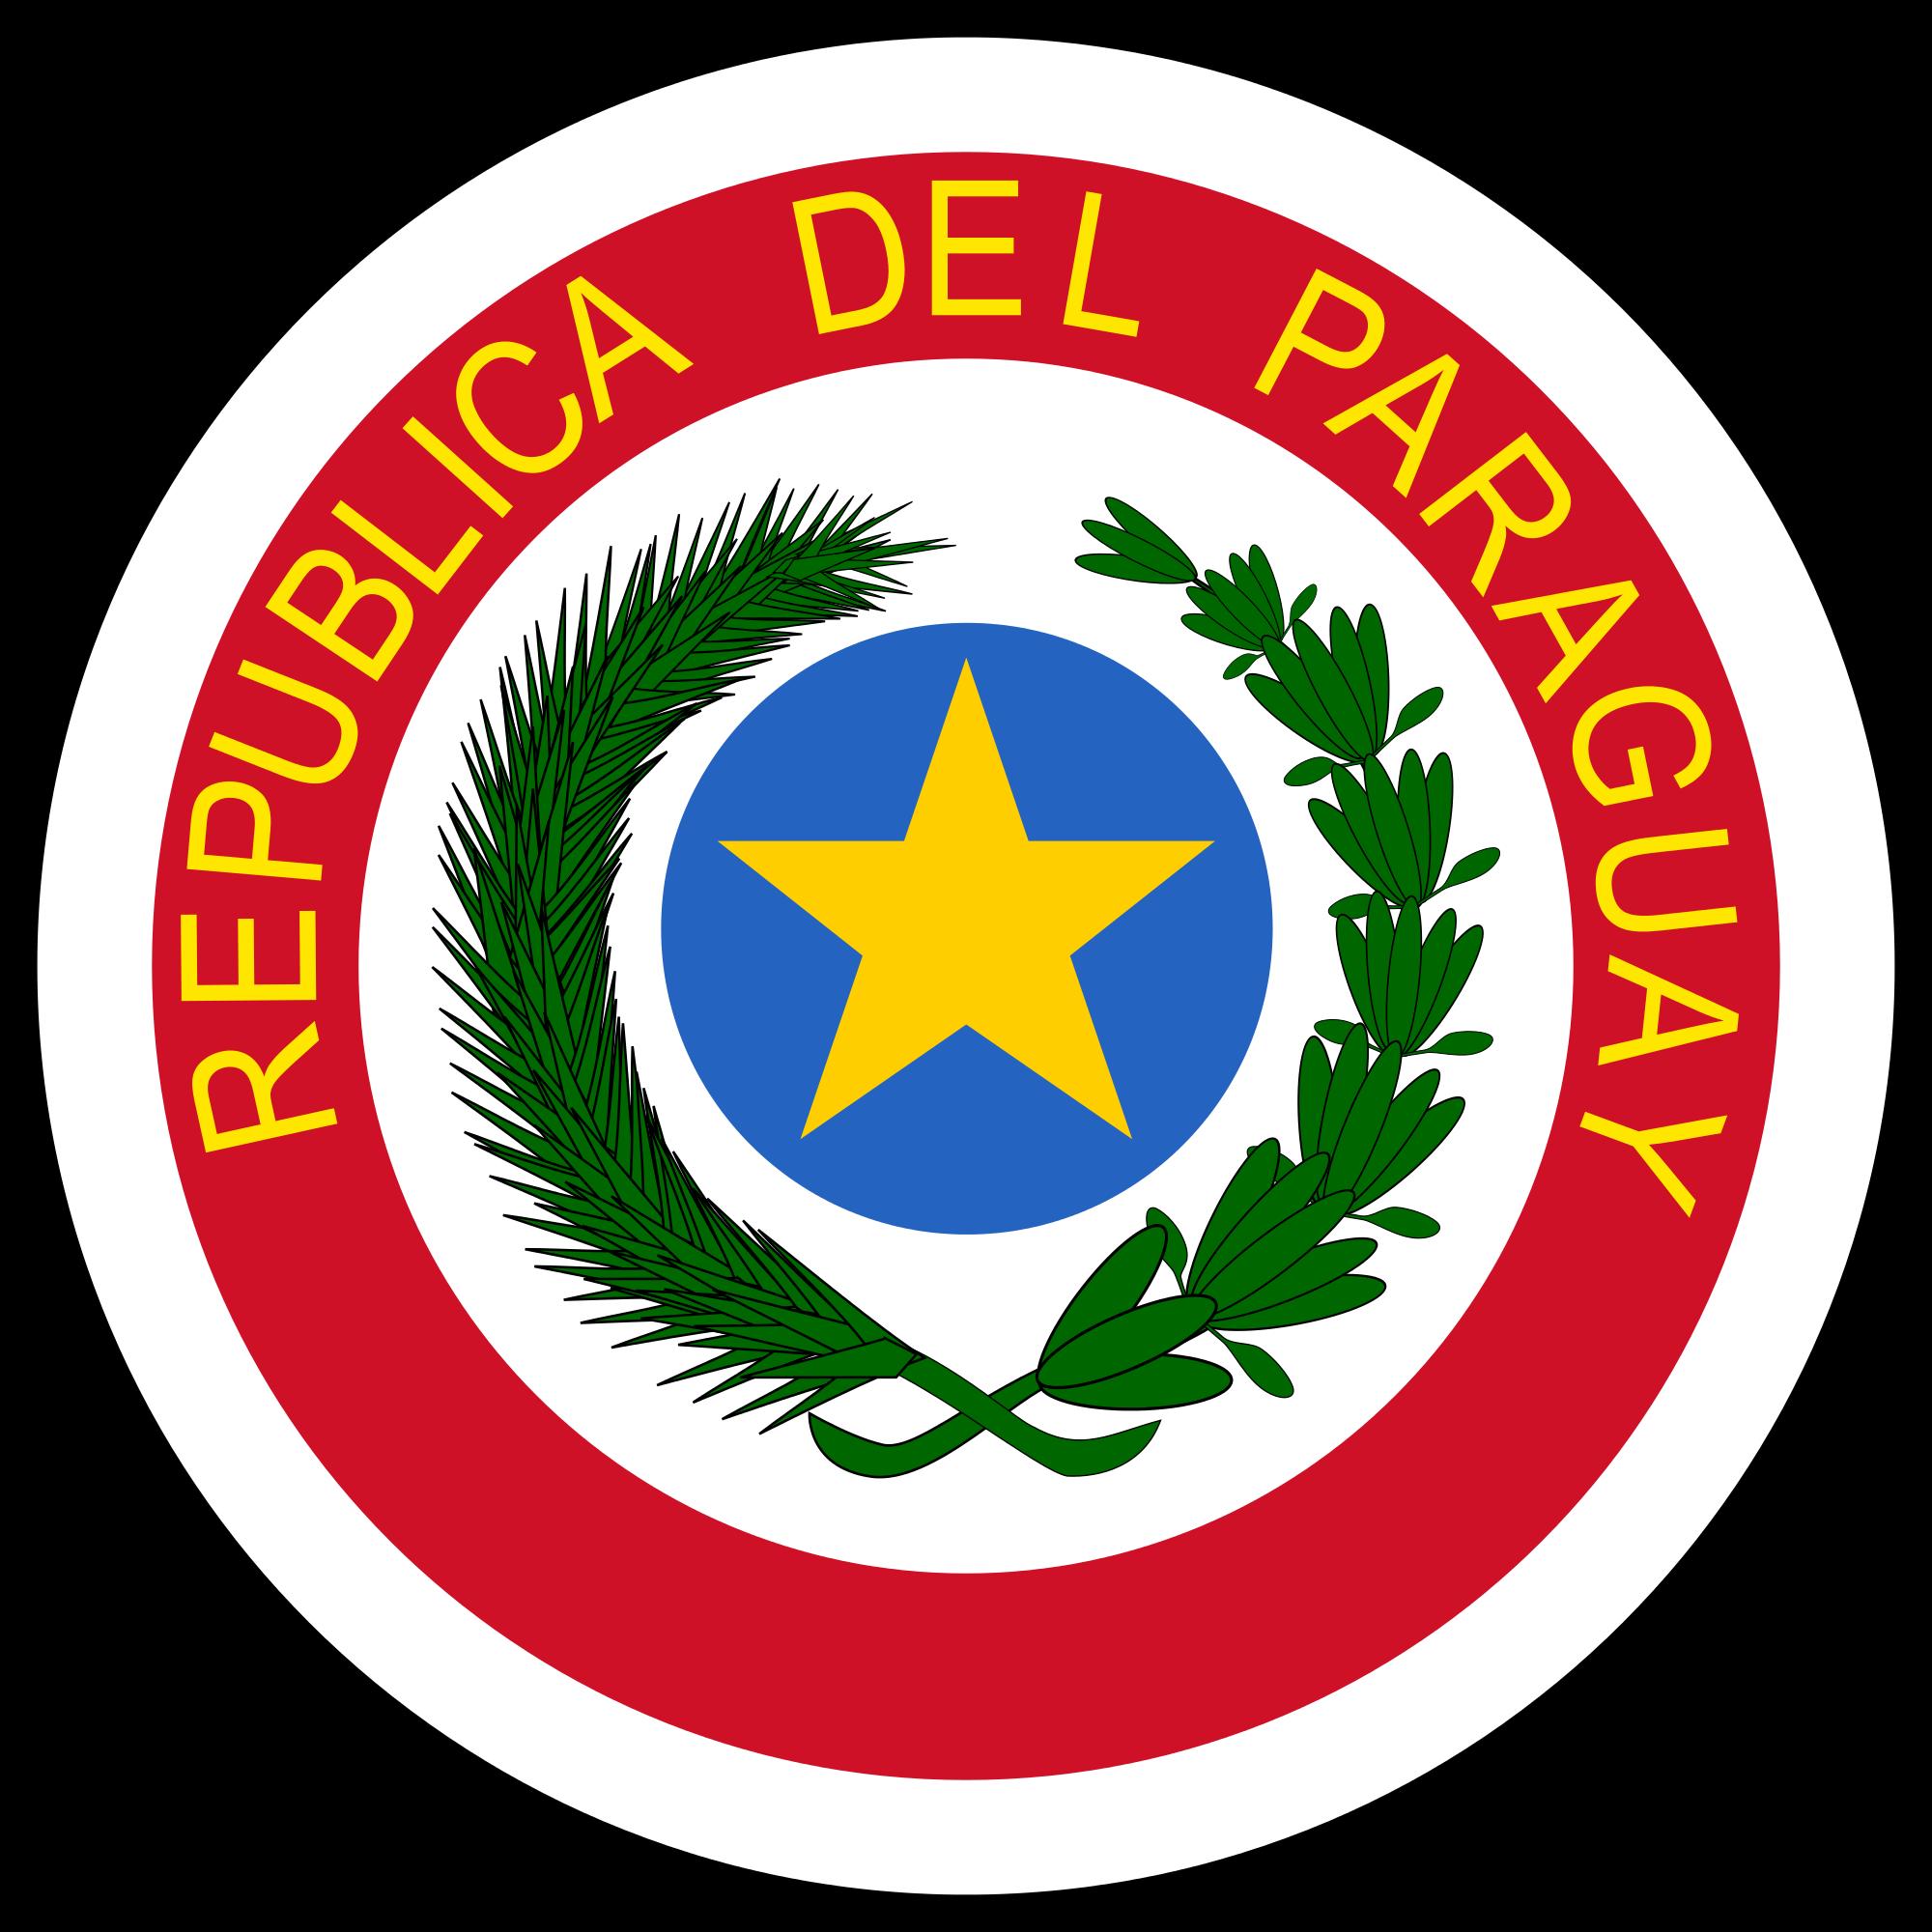 Escudo Fuente:wikipedia